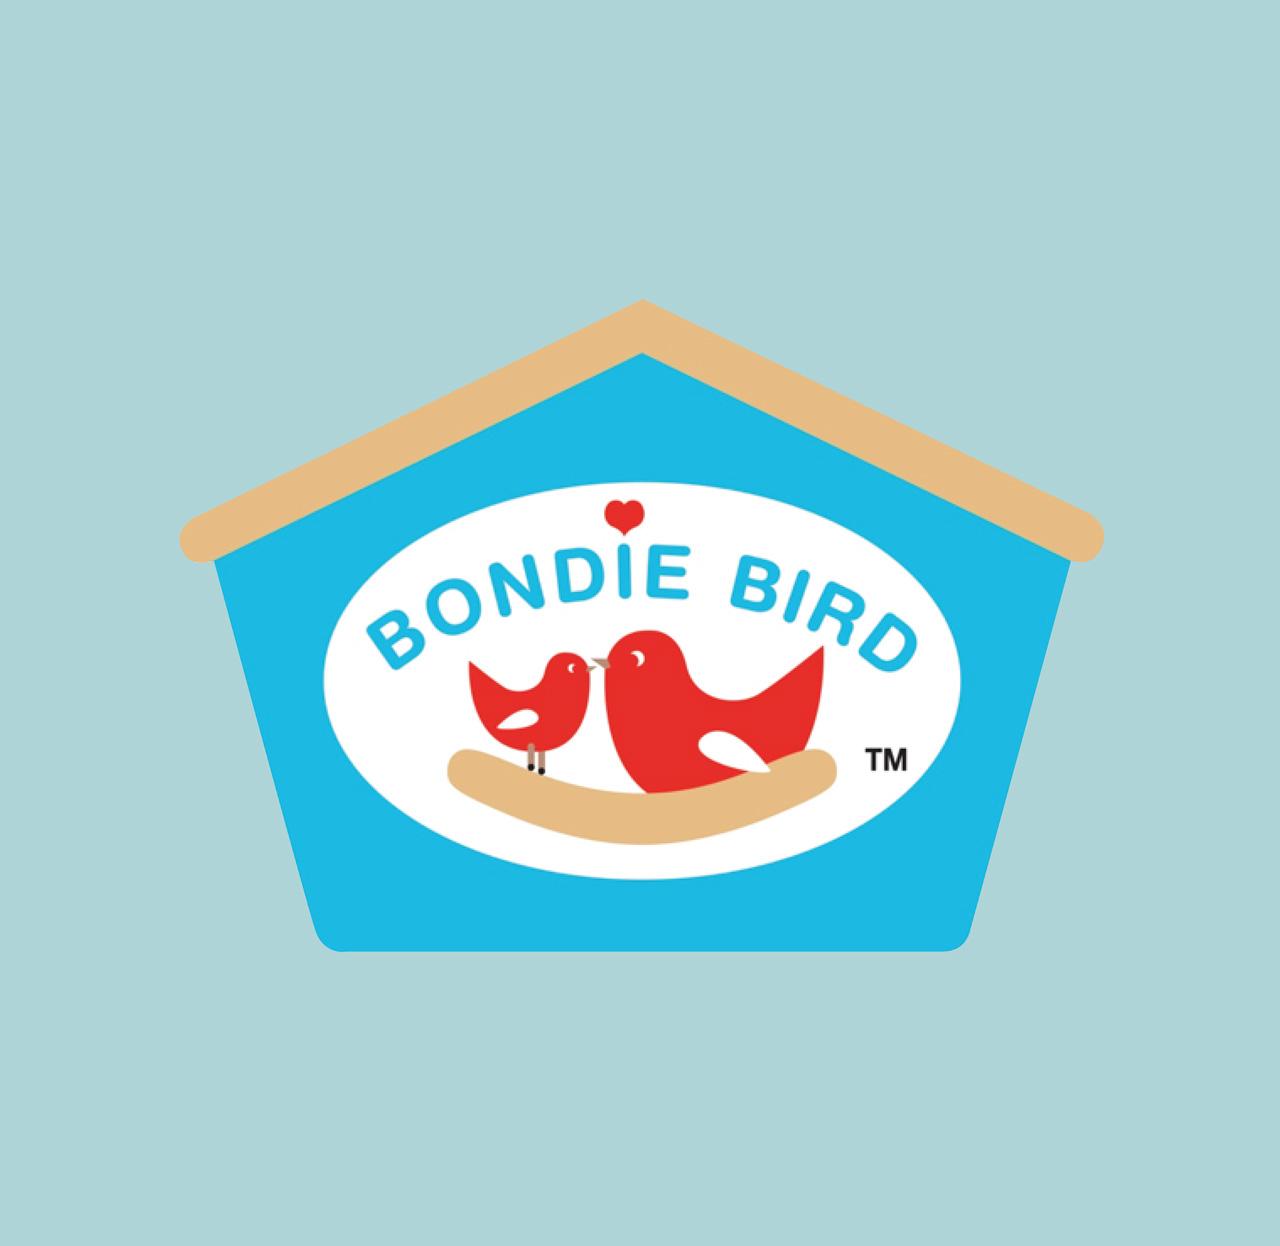 BONDI-BIRD-LOGO